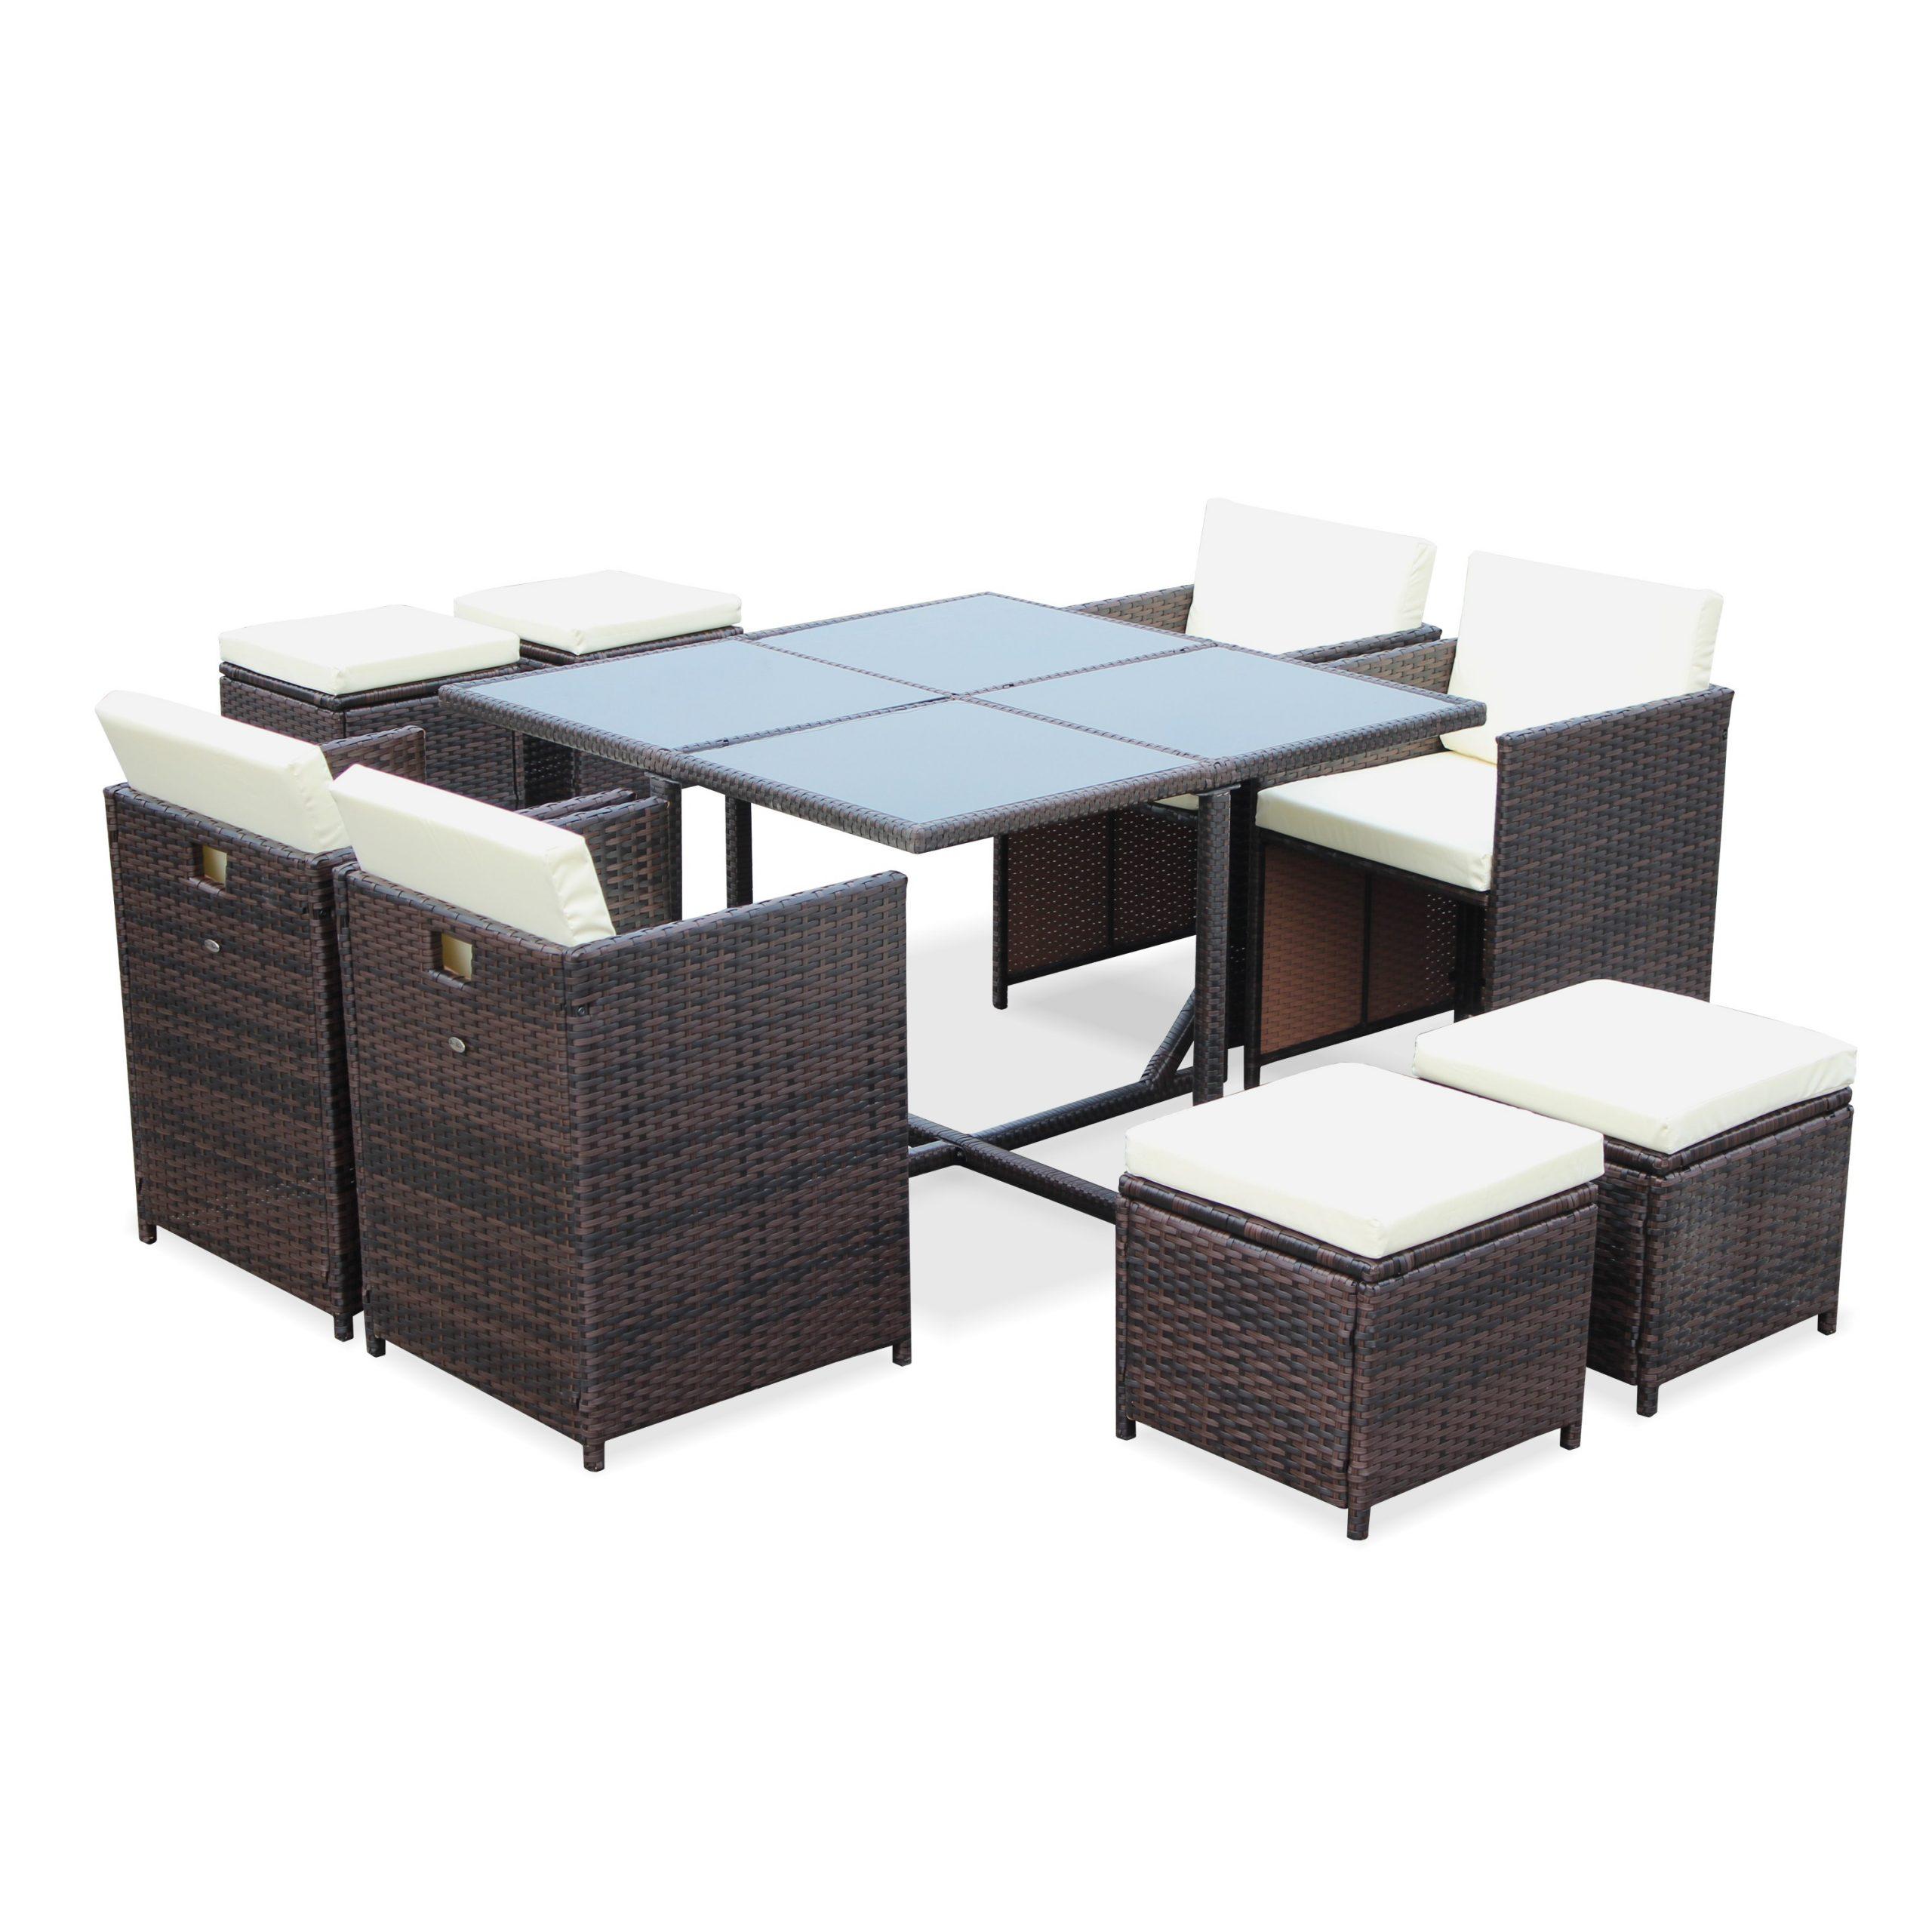 De Table Table De Fauteuil Jardin Encastrable Qcdtsrbohx dedans Salon De Jardin Encastrable 8 Places